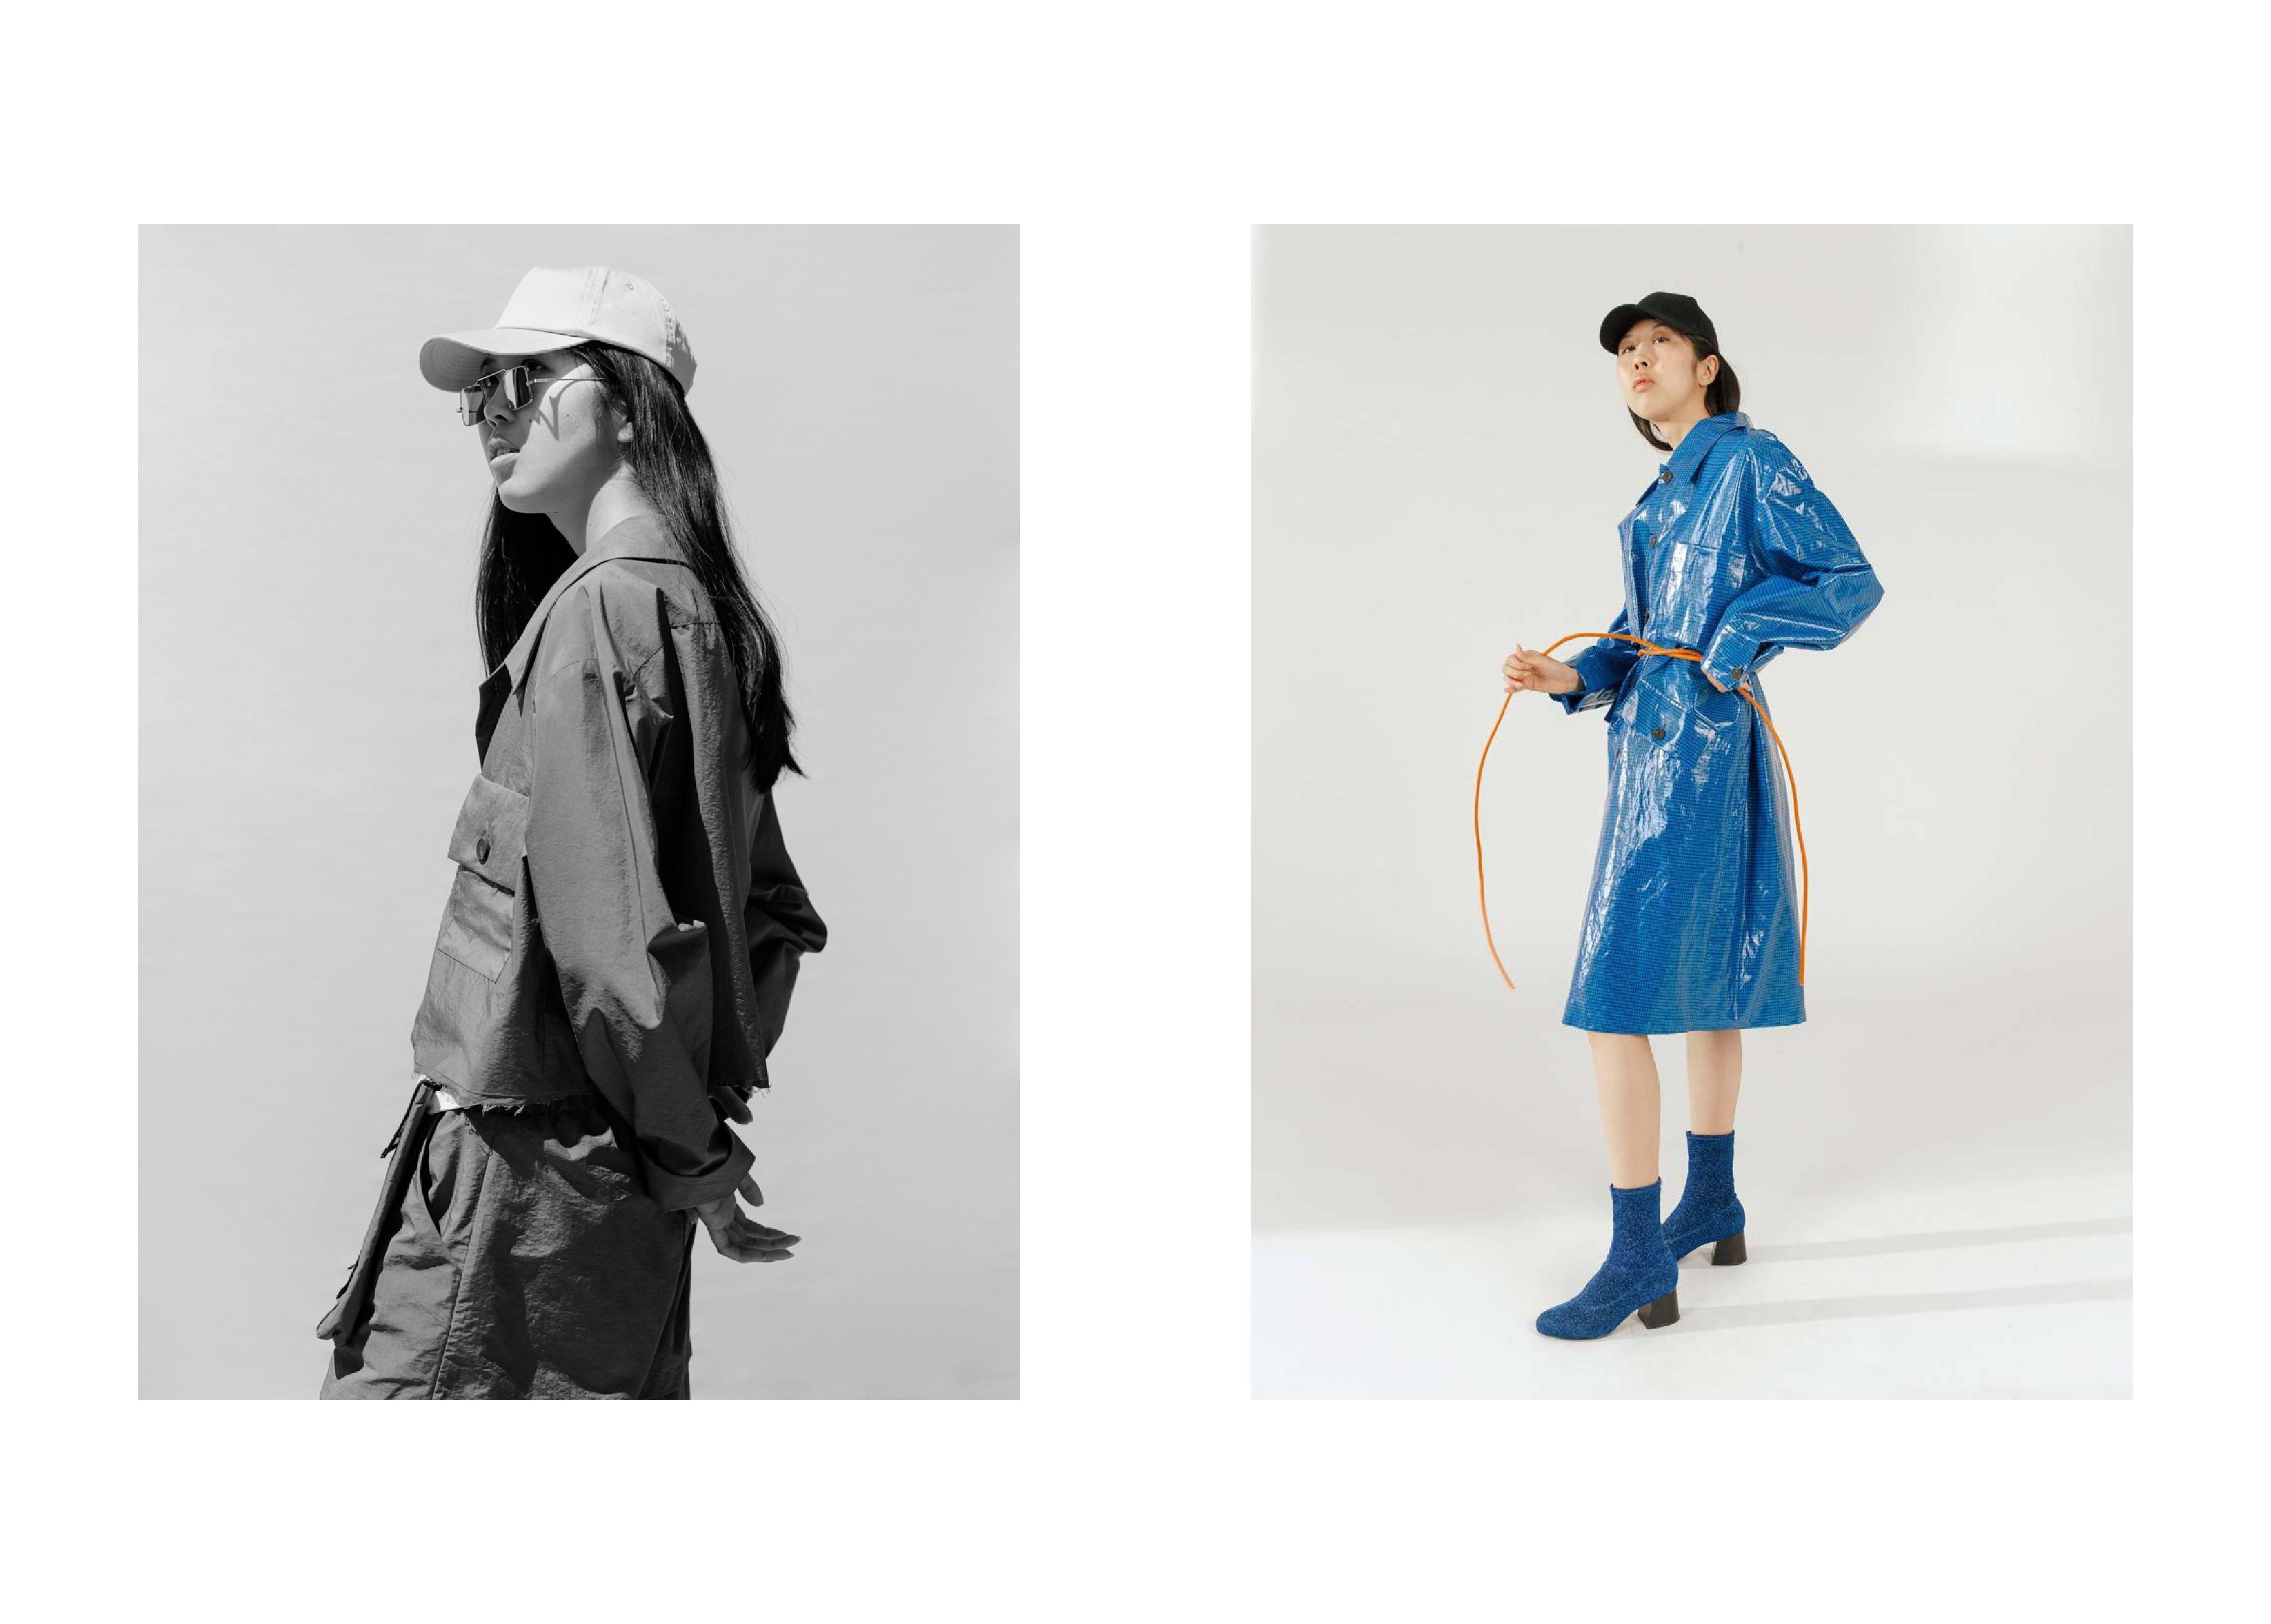 Berlin based fashion label release new unisex lookbook ...